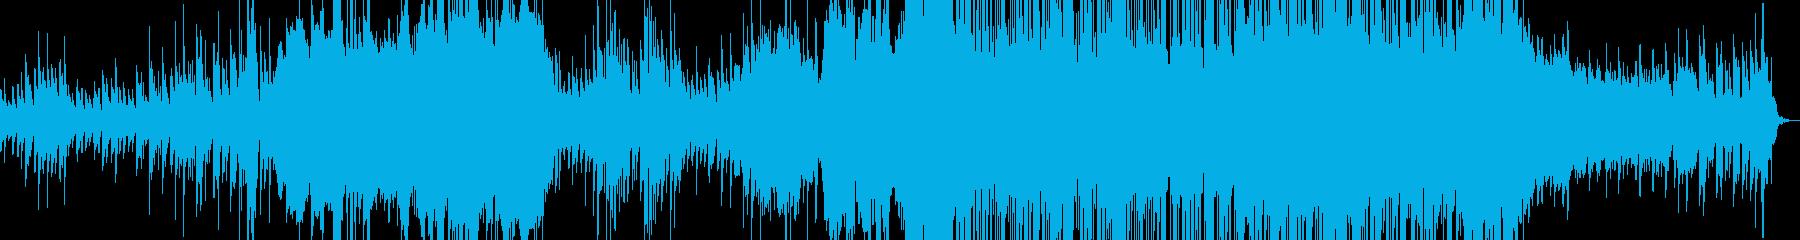 アンビエント ドラマチック ゆっく...の再生済みの波形